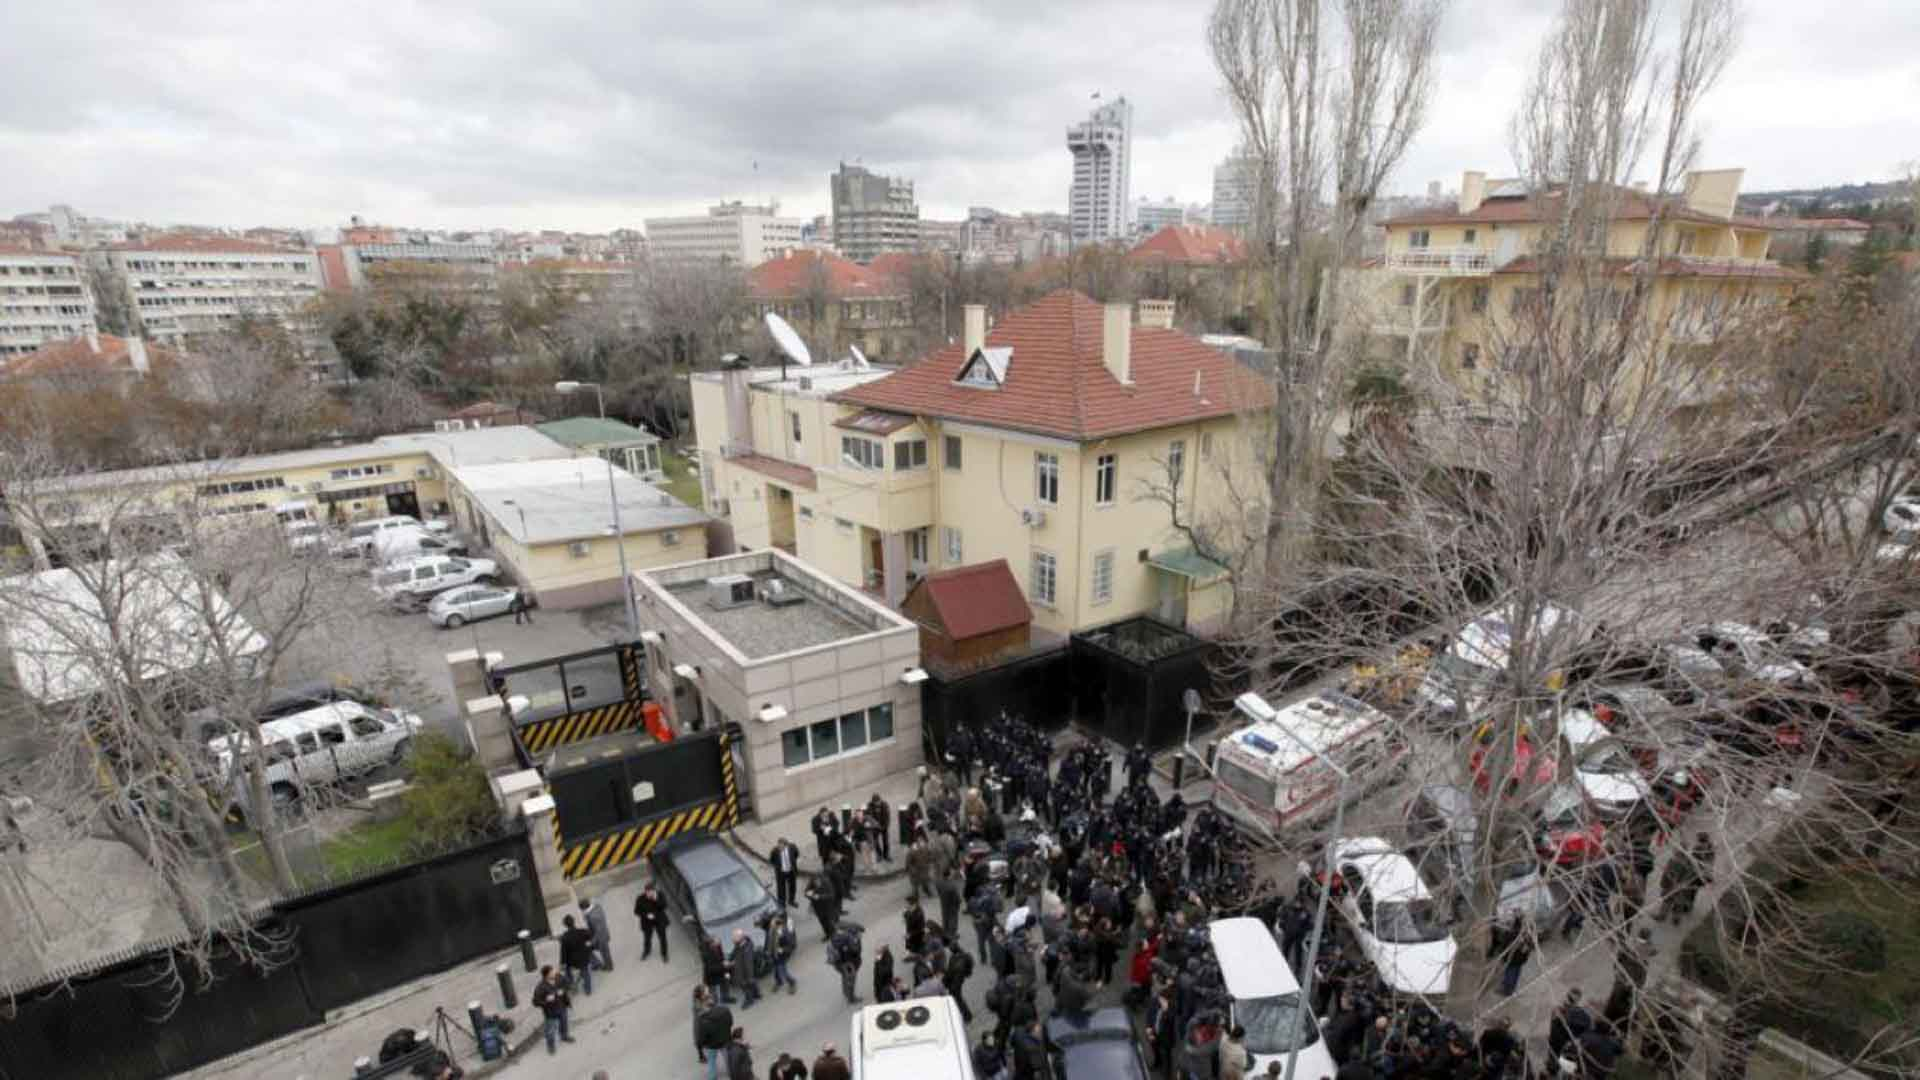 El autodenominado Estado Islámico habría amenazado con atacar iglesias y sinagogas, así como sedes diplomáticas en Turquía